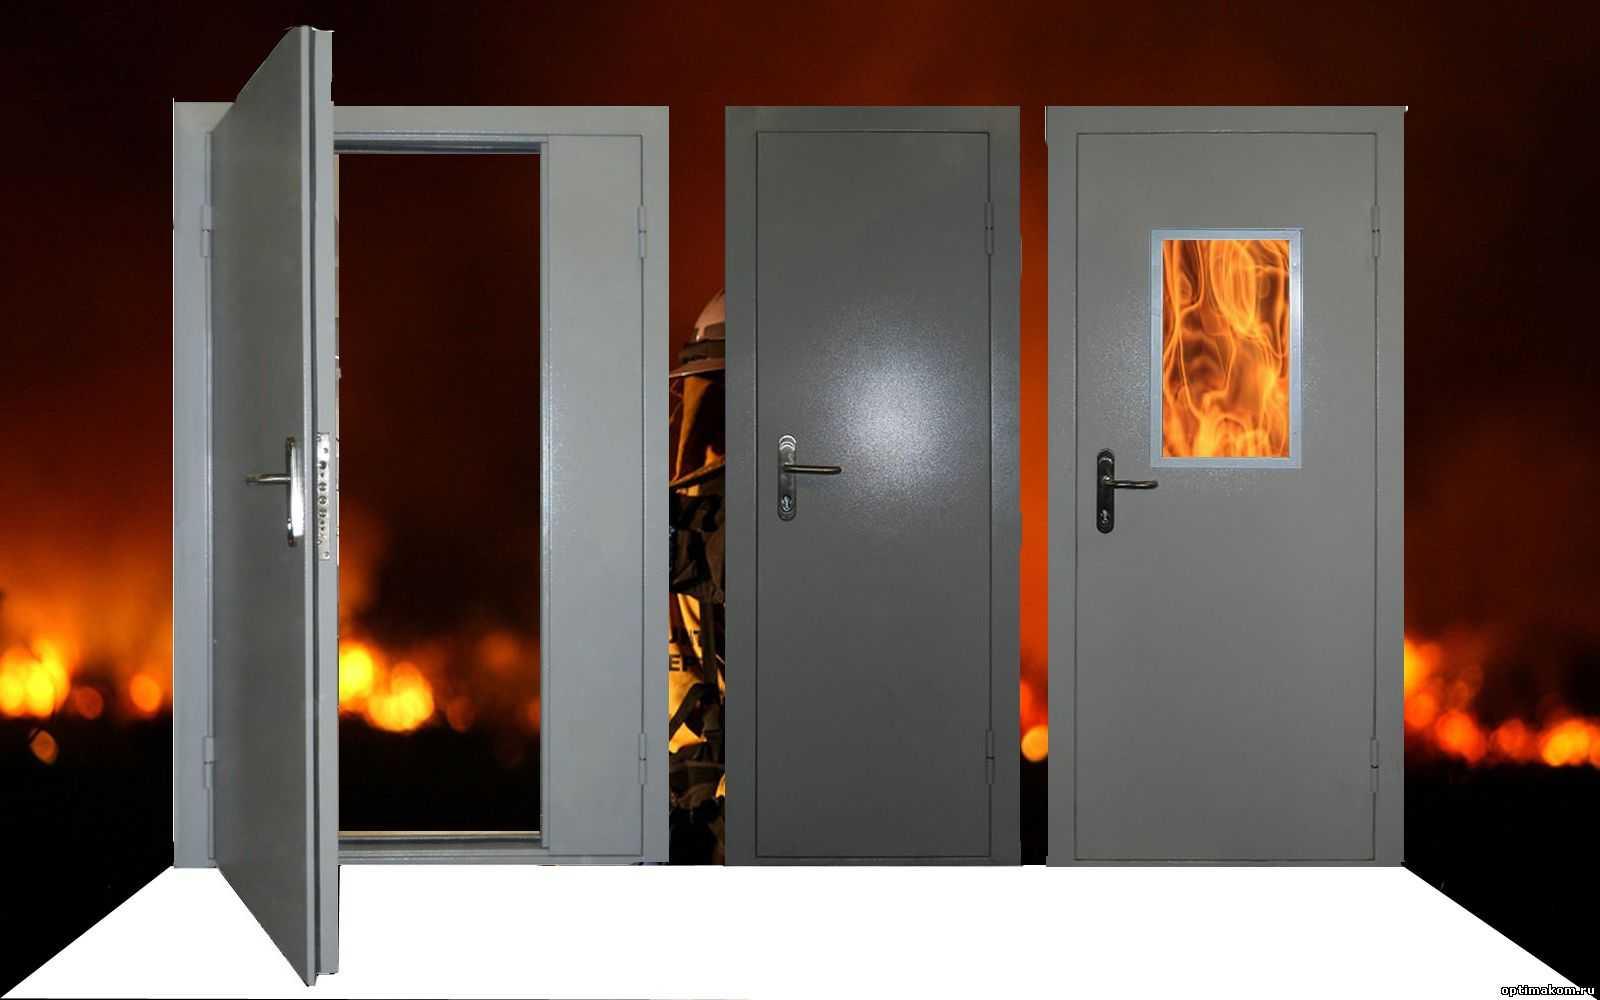 Противопожарные деревянные двери ei 60, 30, требования гост к подобным изделиям